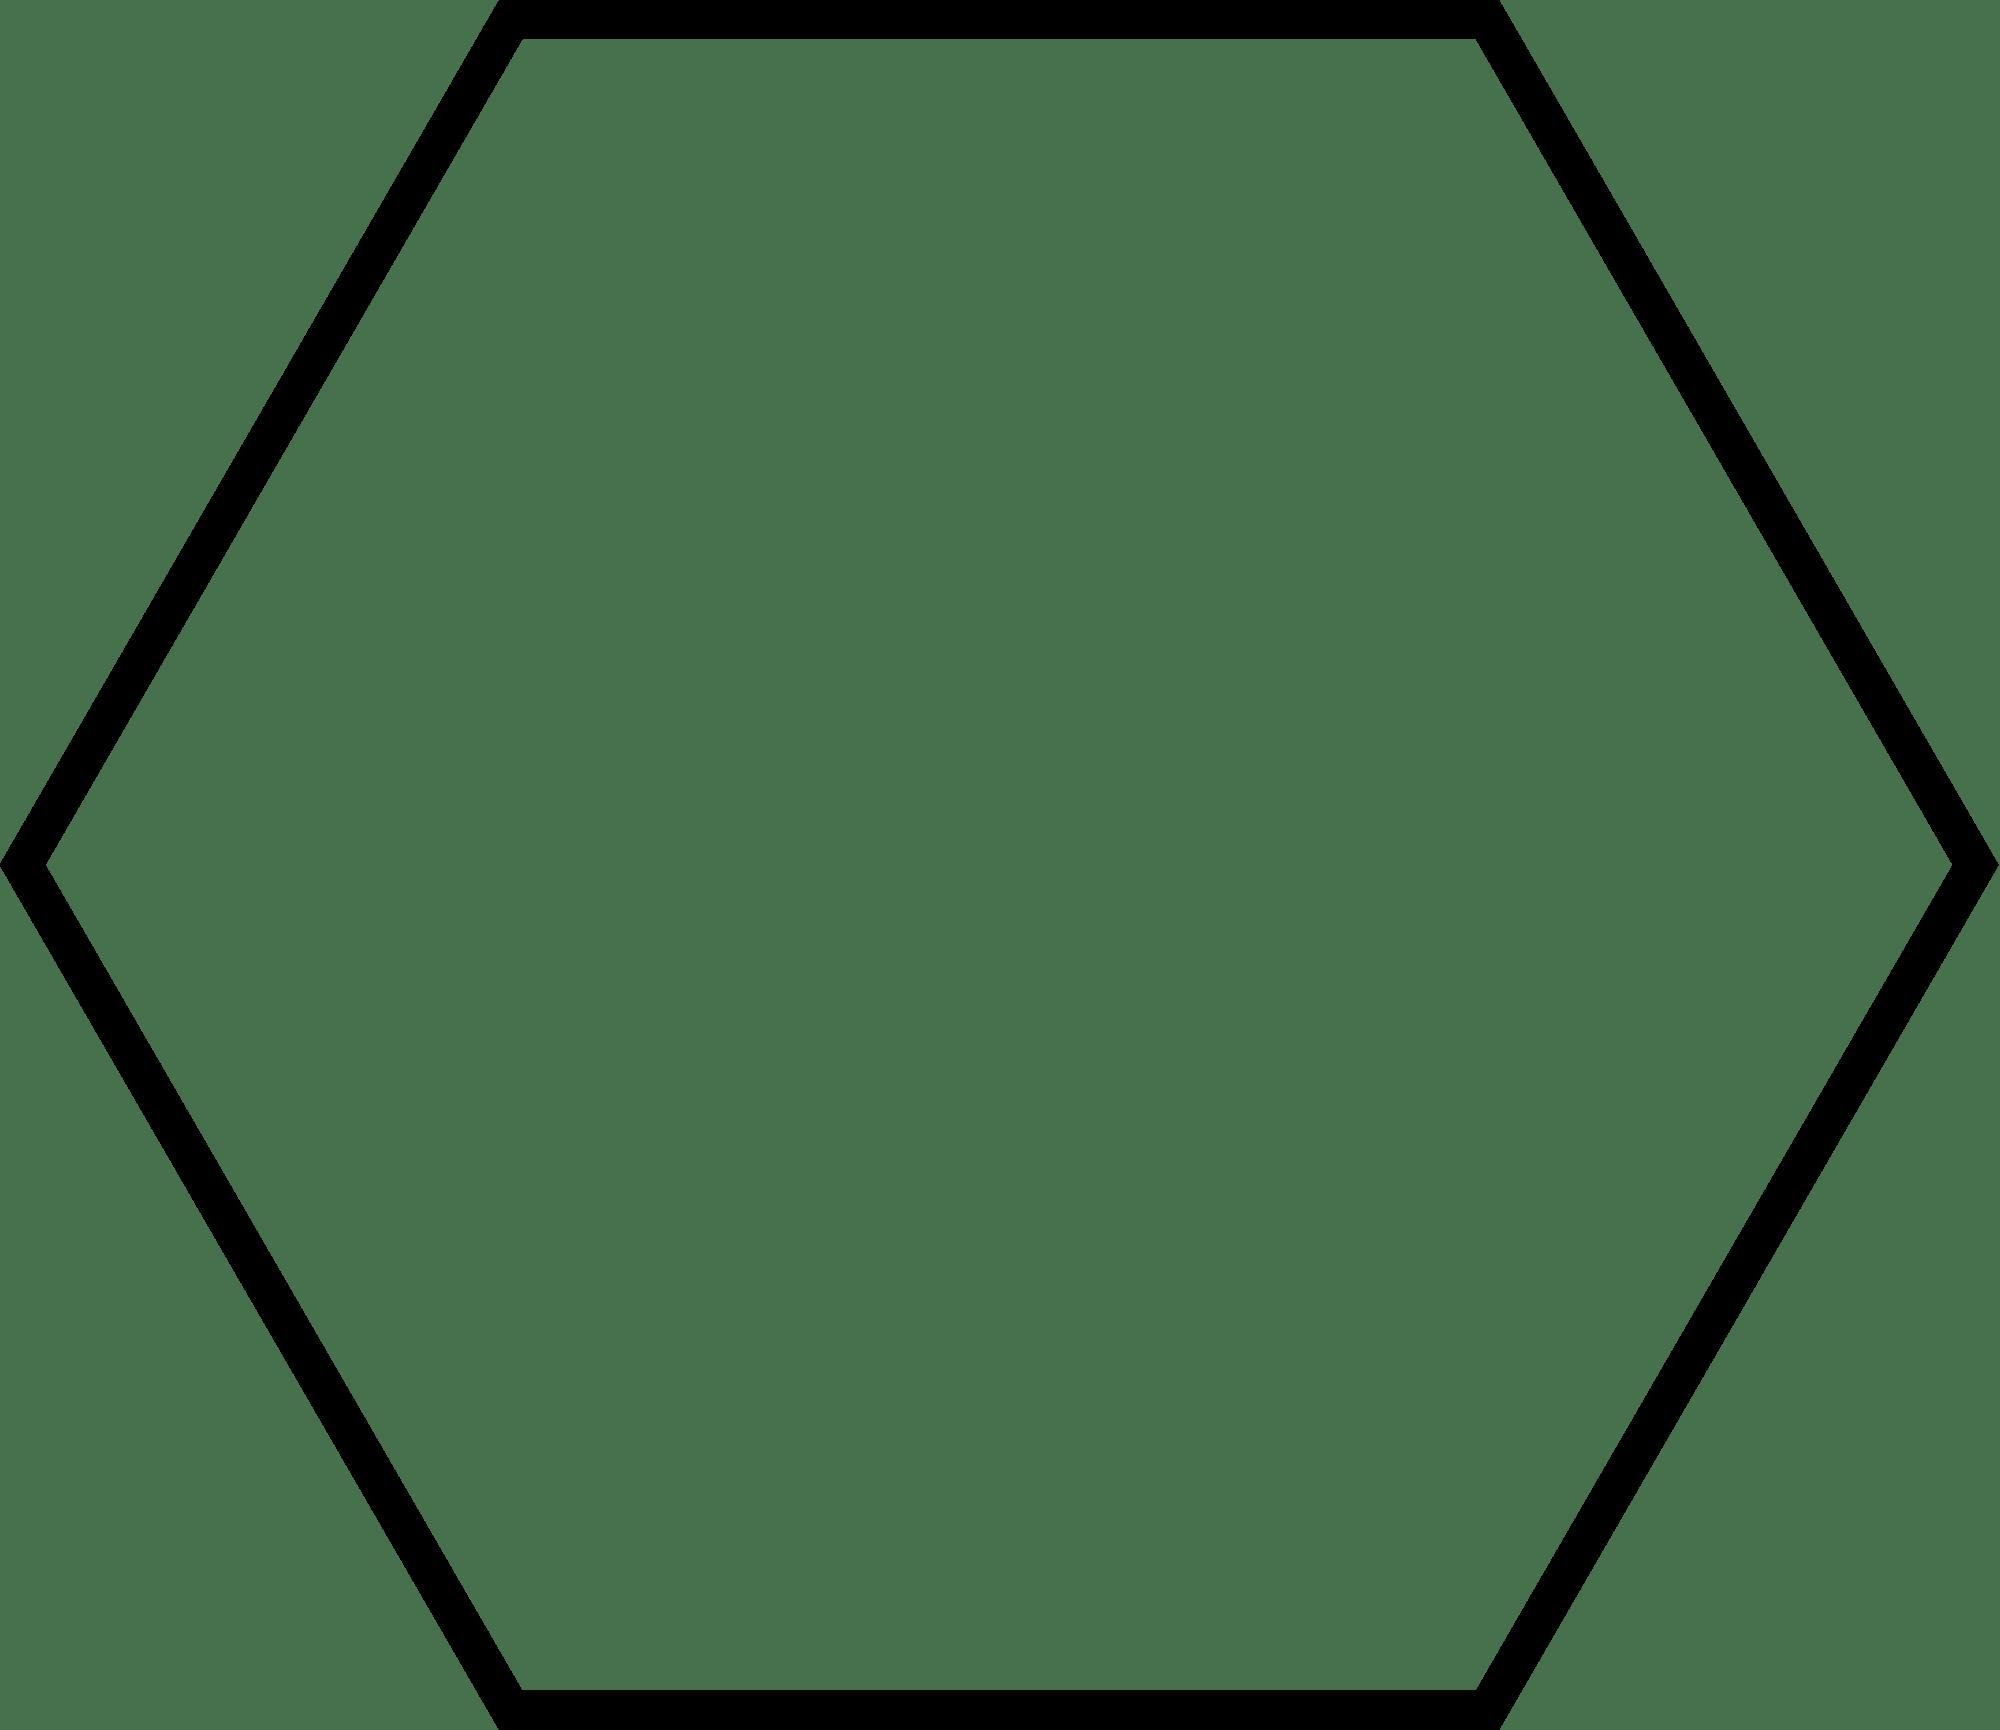 Hexagon 6